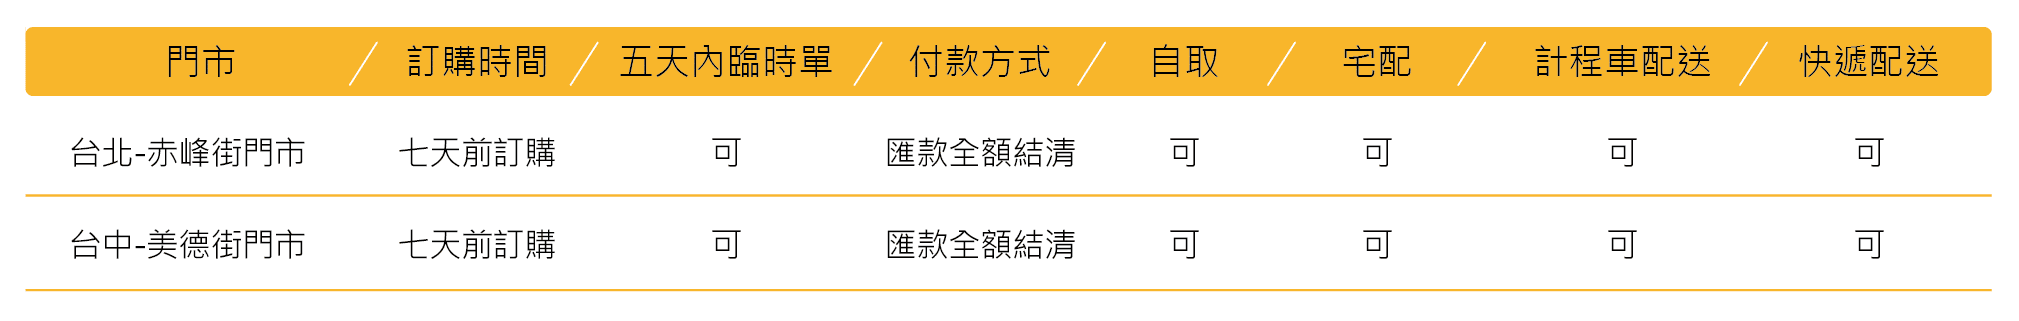 Meler客製化造型蛋糕服務須知 01